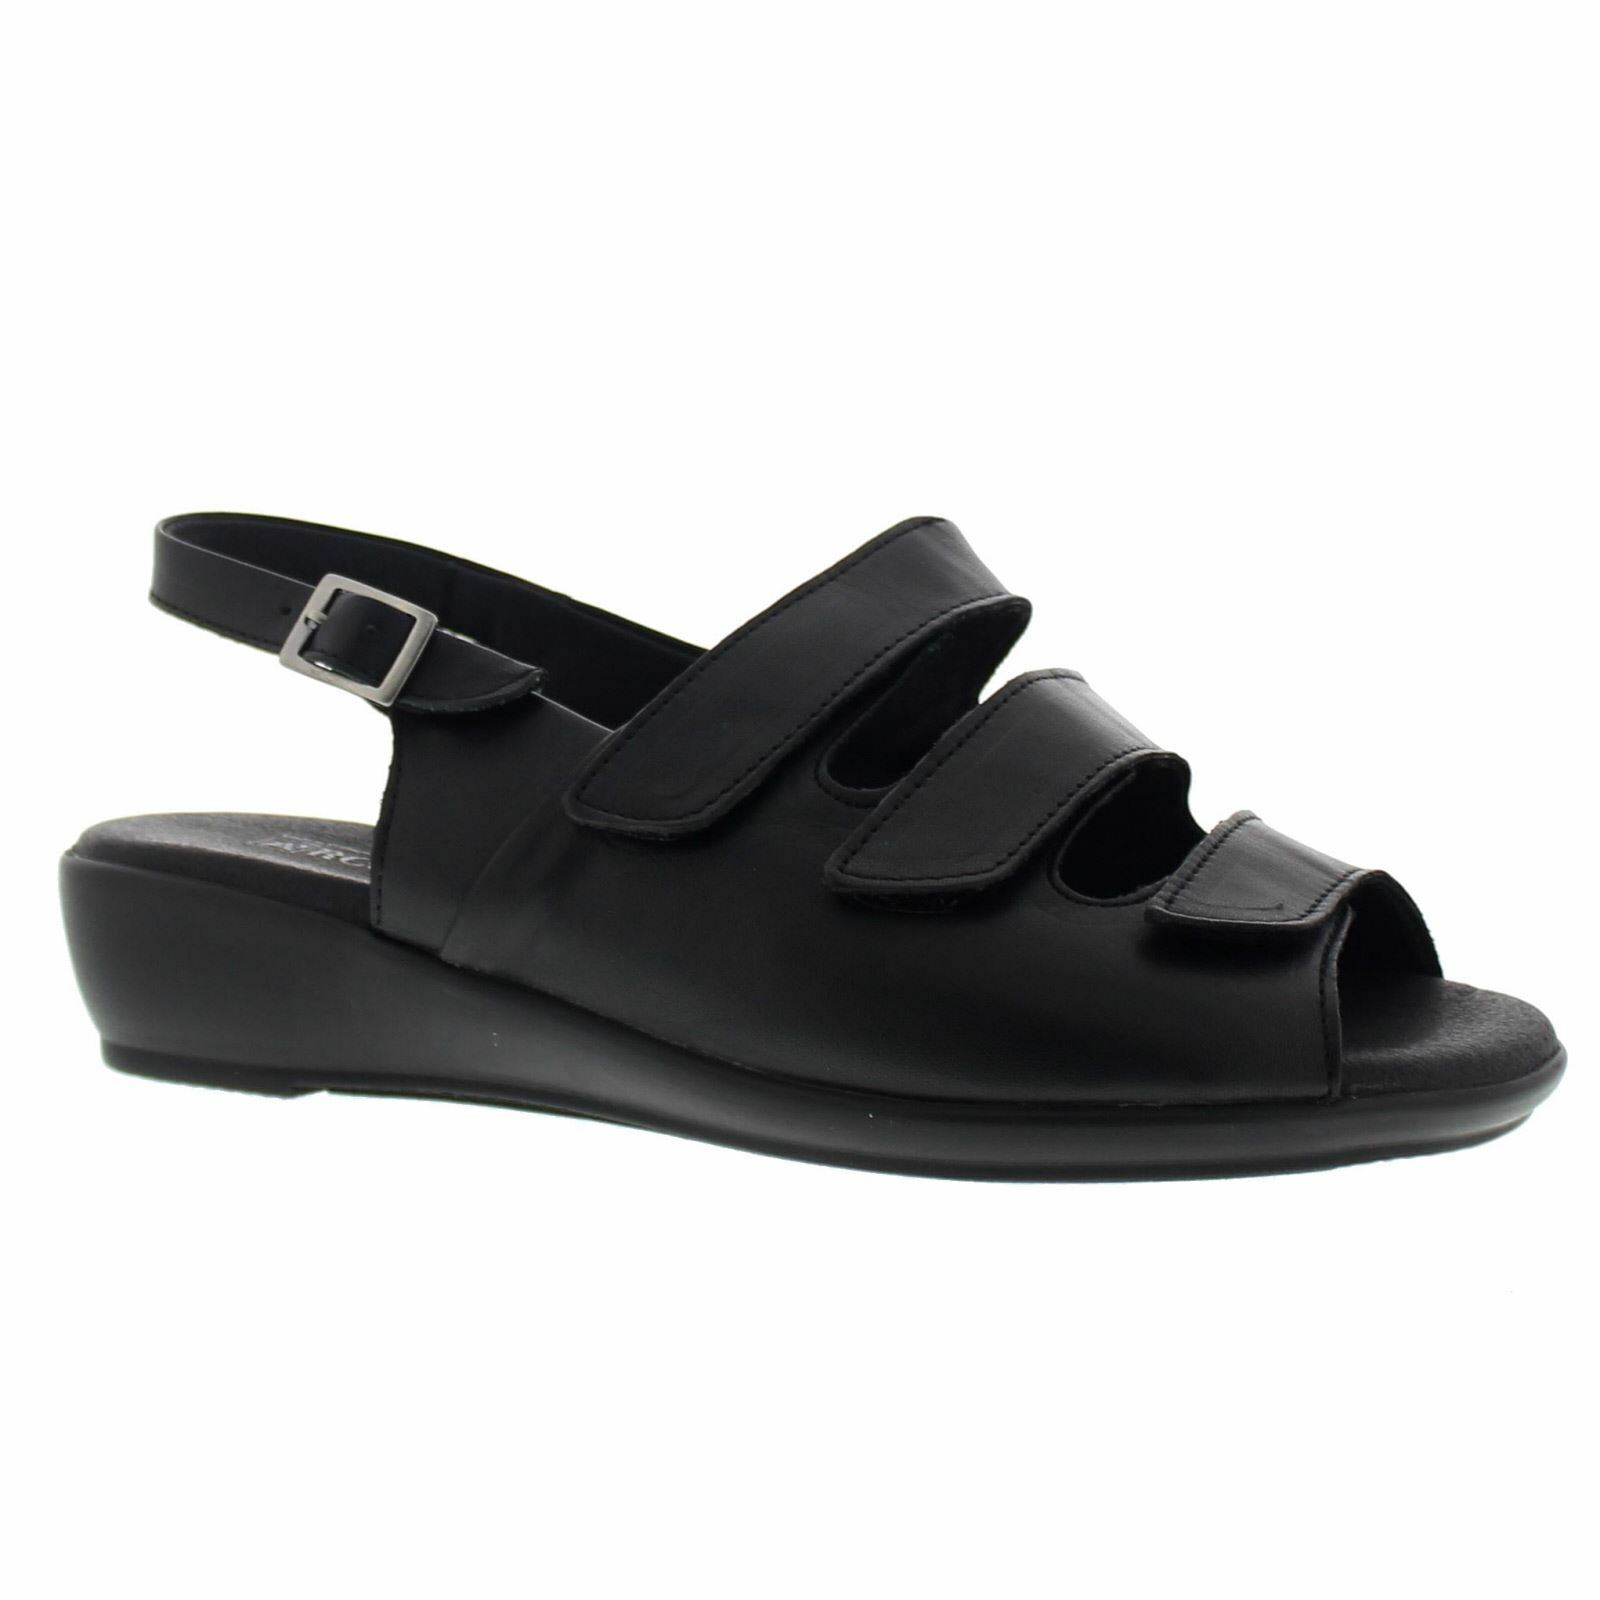 Arcopedico Arcopedico Arcopedico damen Sandal 3 Leather Sandals 035329